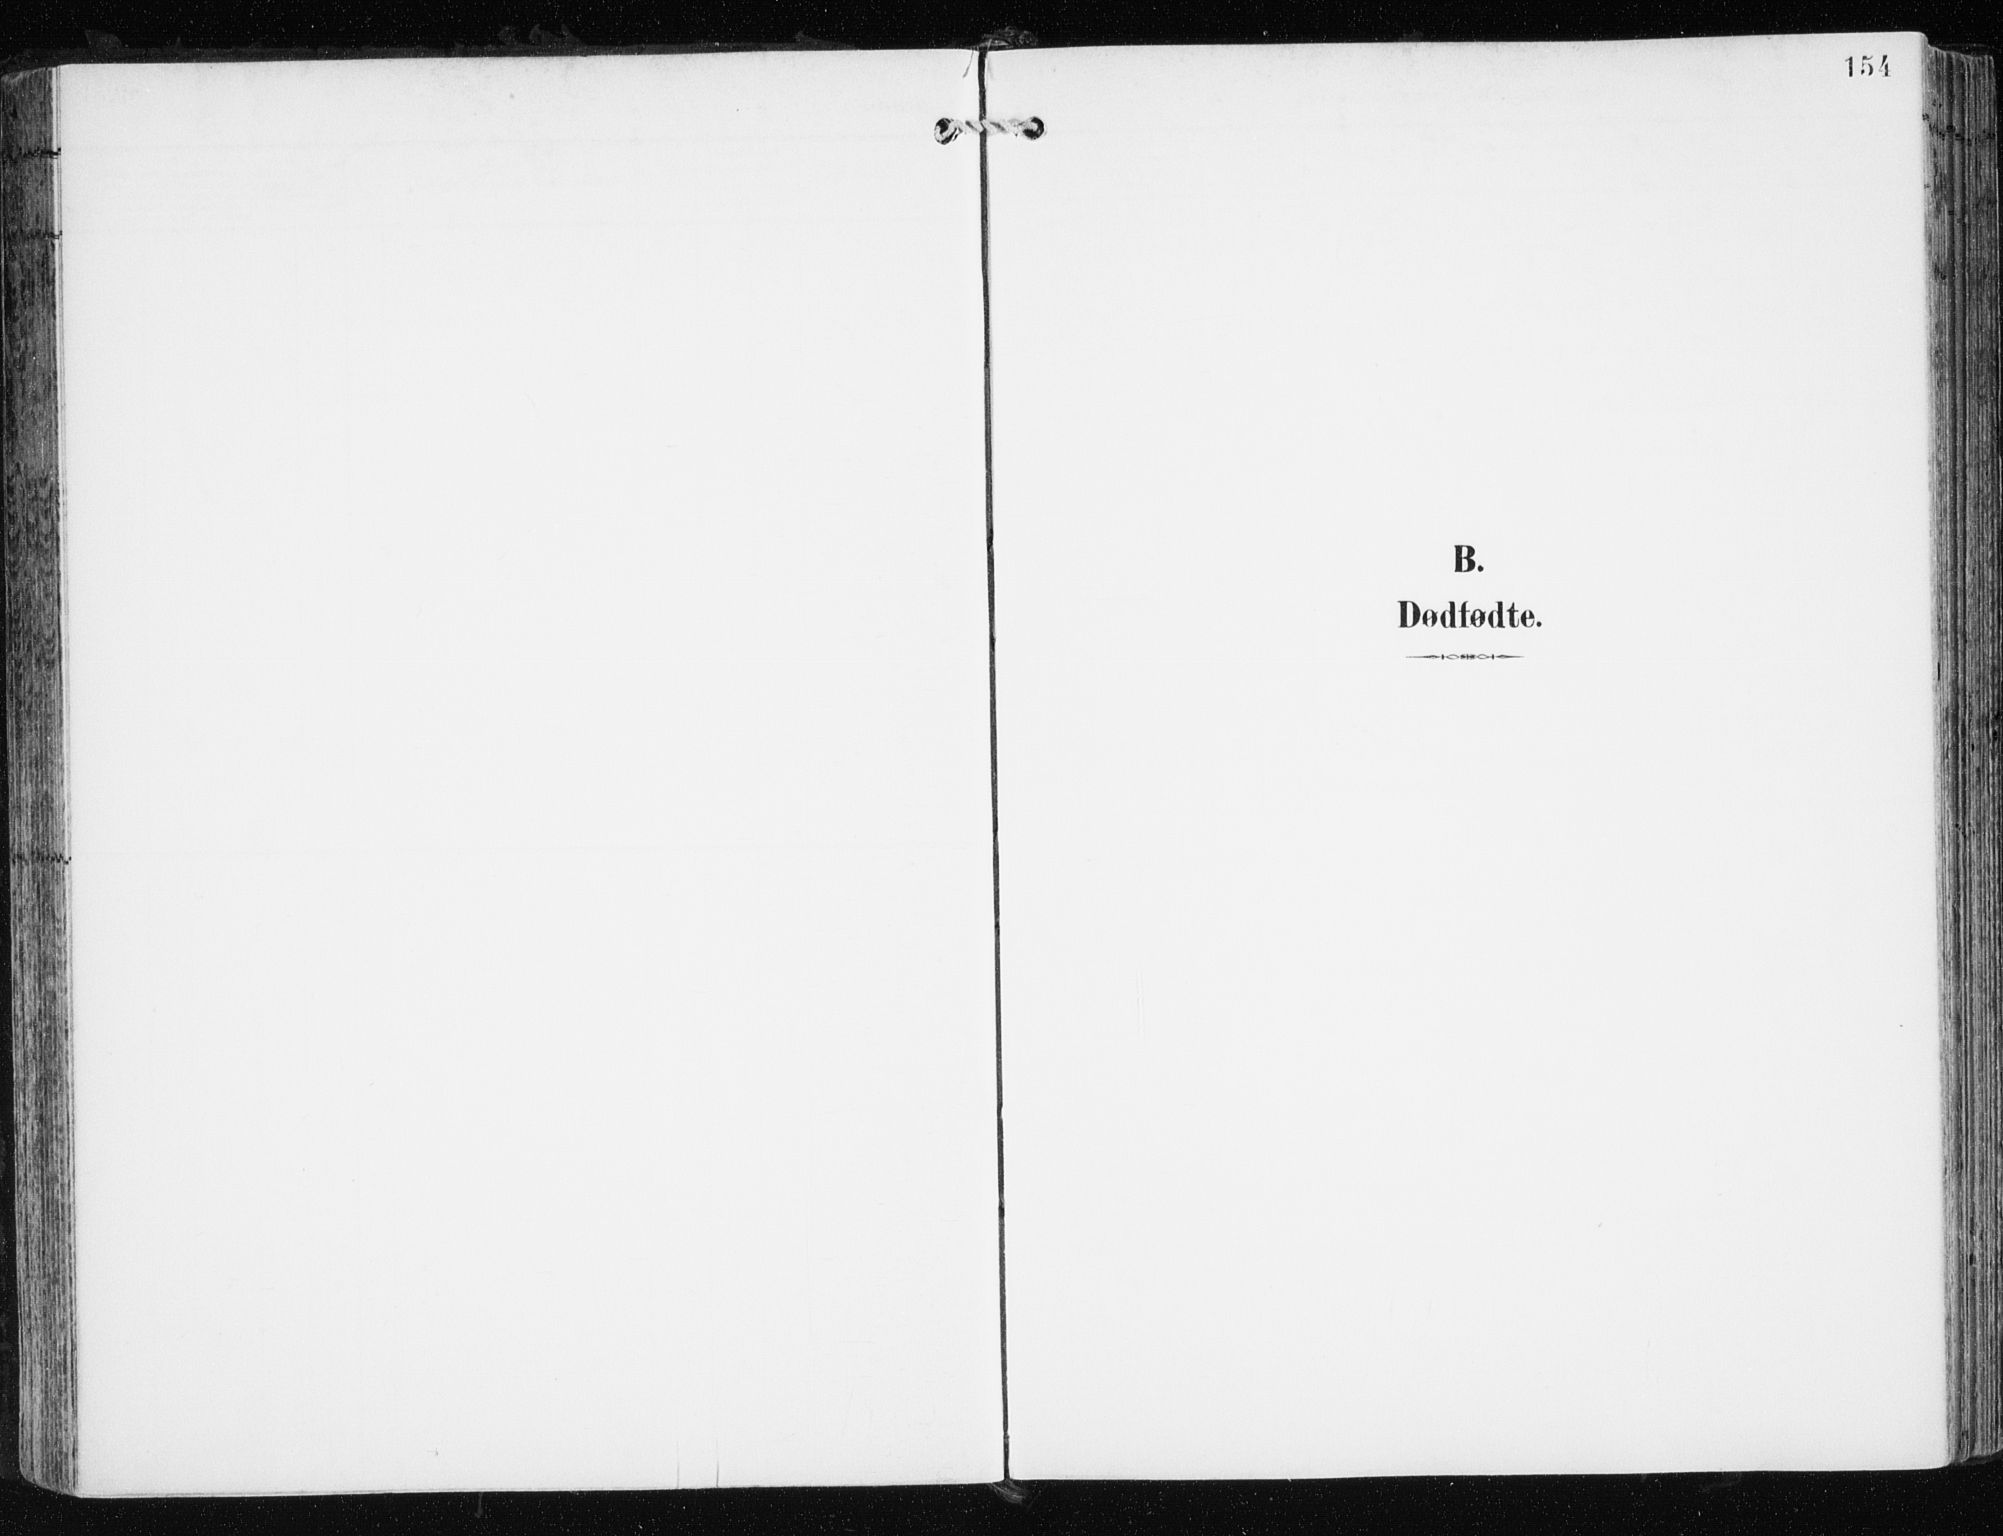 SATØ, Tromsøysund sokneprestkontor, G/Ga/L0006kirke: Ministerialbok nr. 6, 1897-1906, s. 154